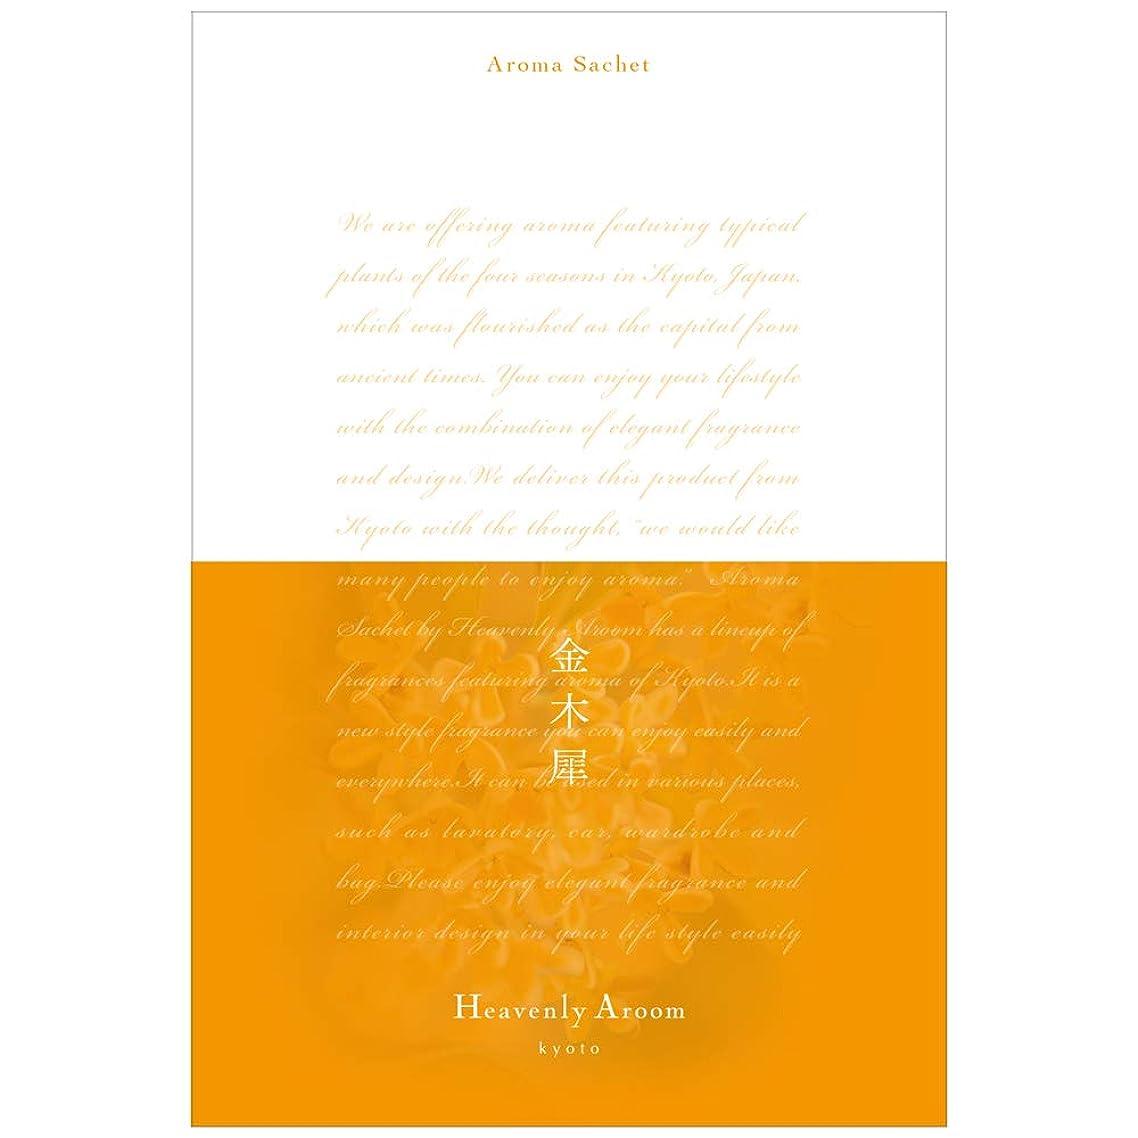 グレートオークベール理論的Heavenly Aroom アロマサシェL 金木犀